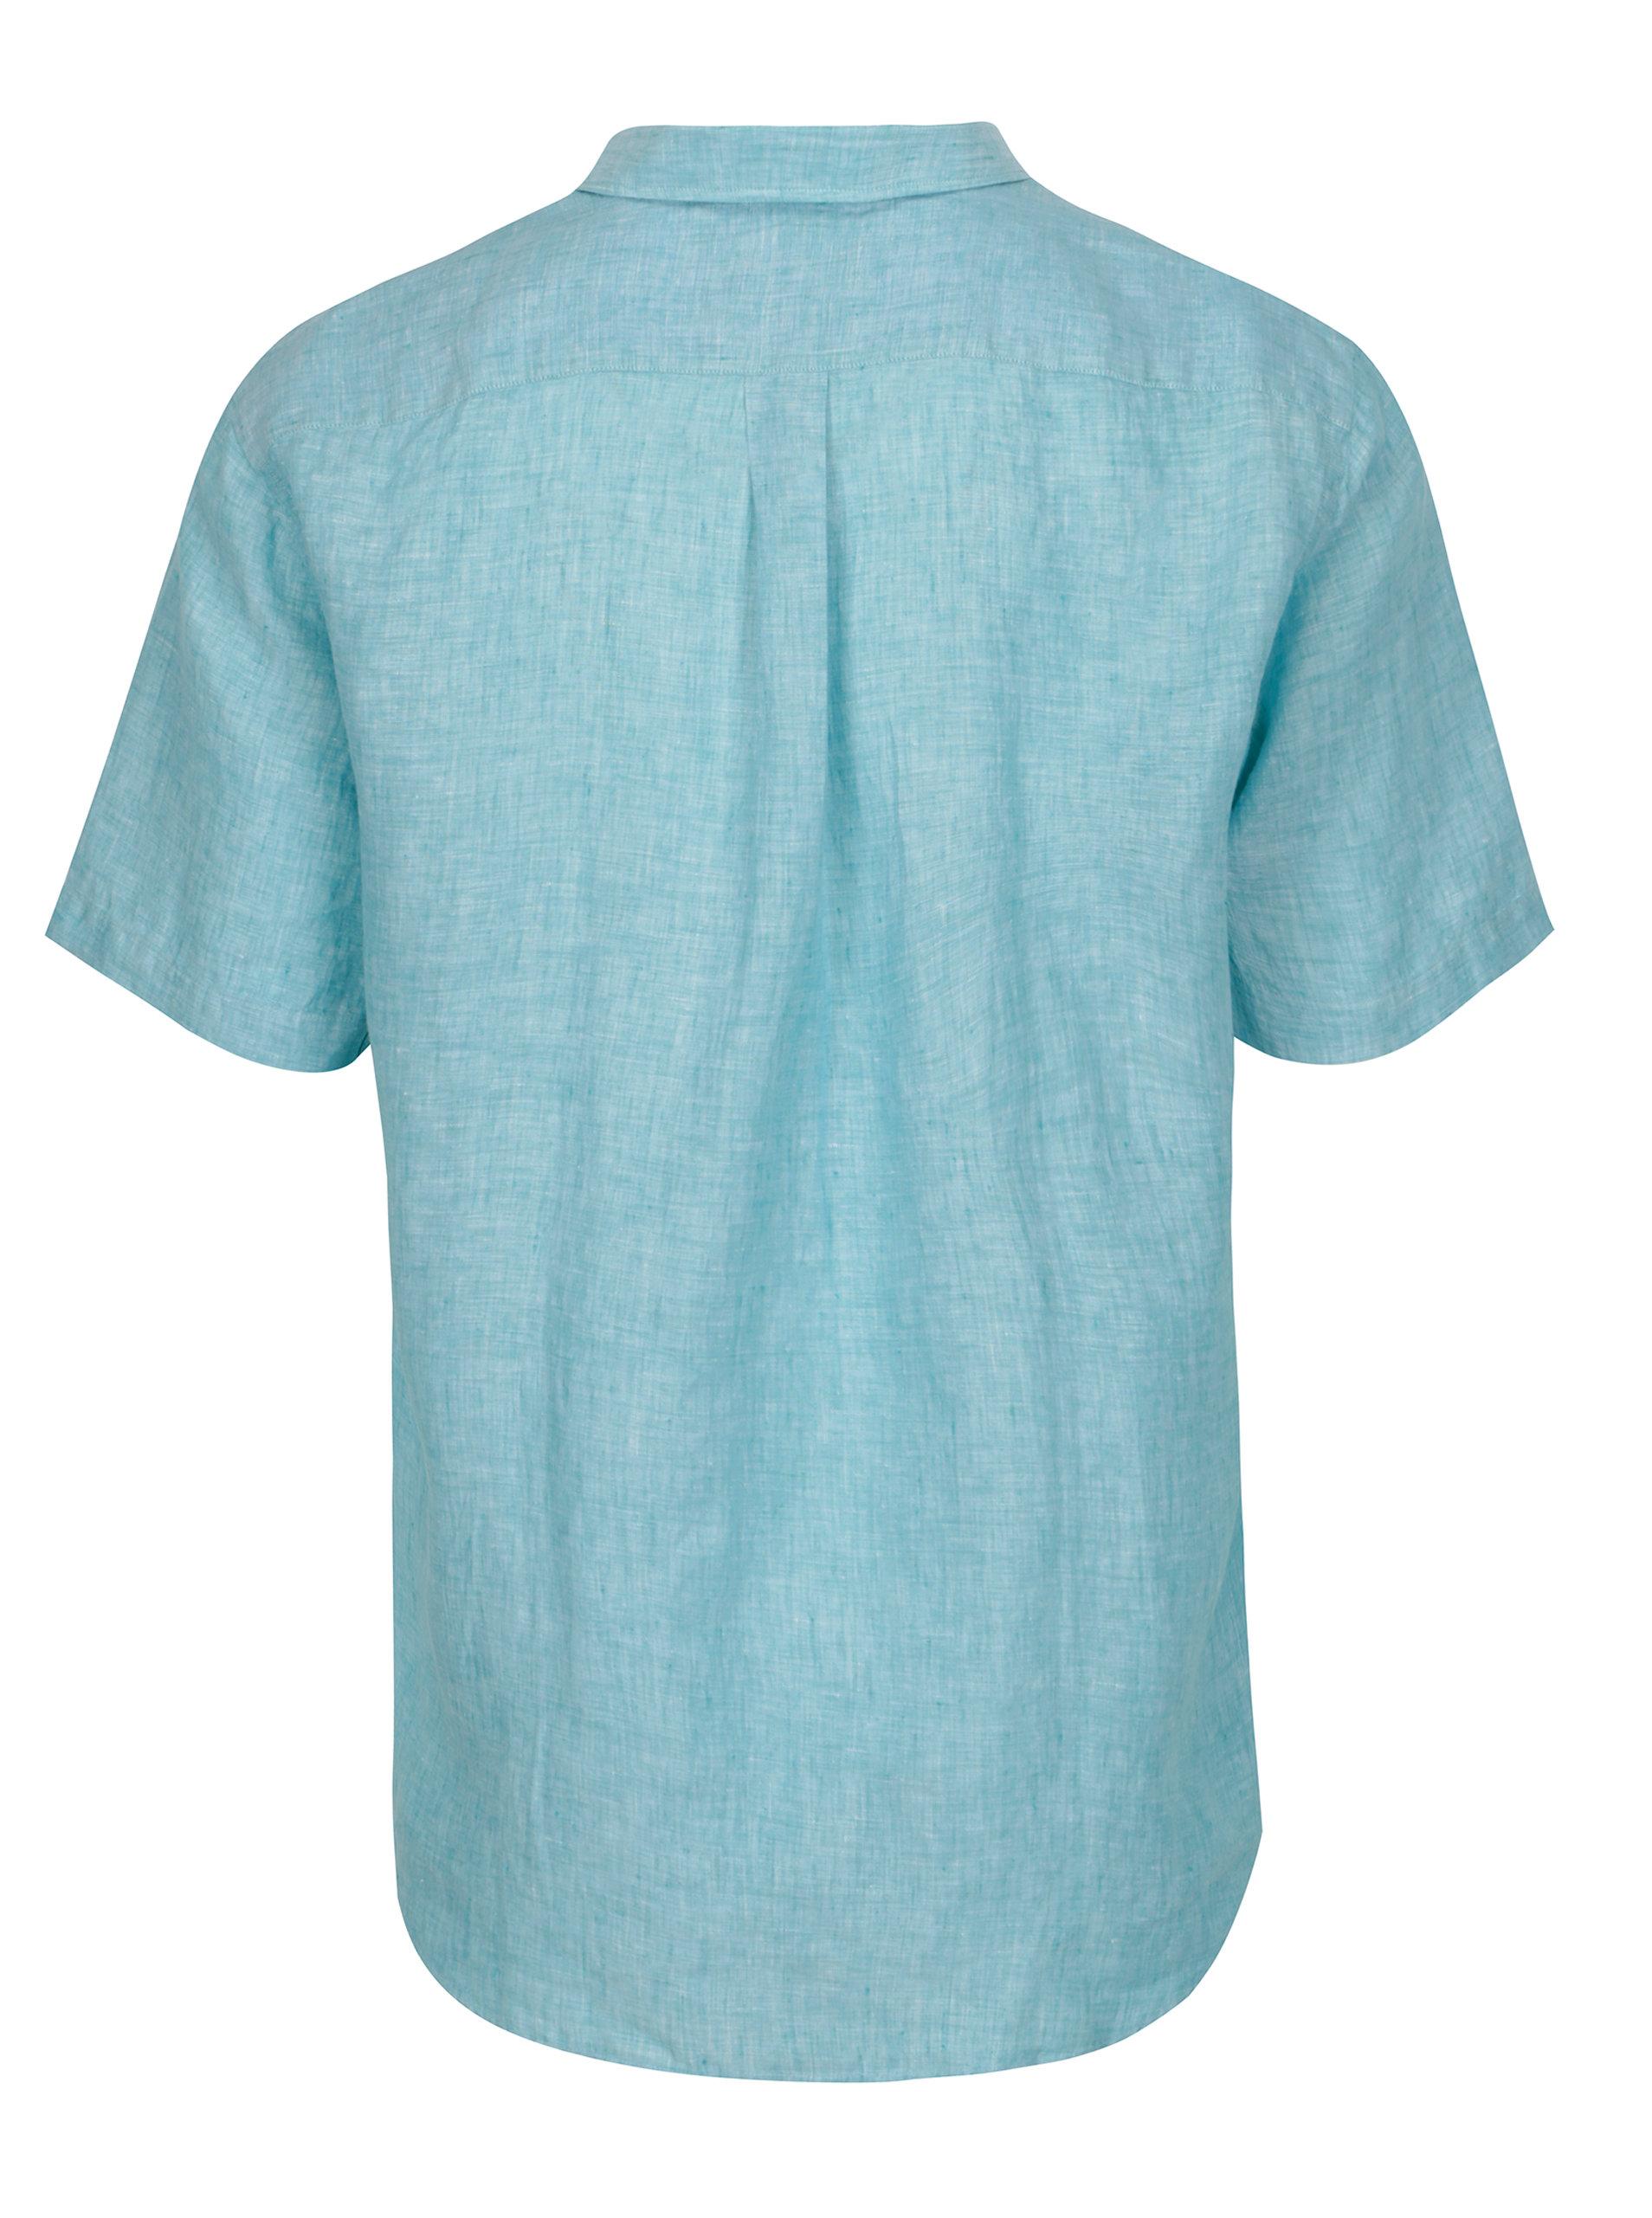 Světle modrá lněná casual fit košile Fynch-Hatton ... 5f02070293